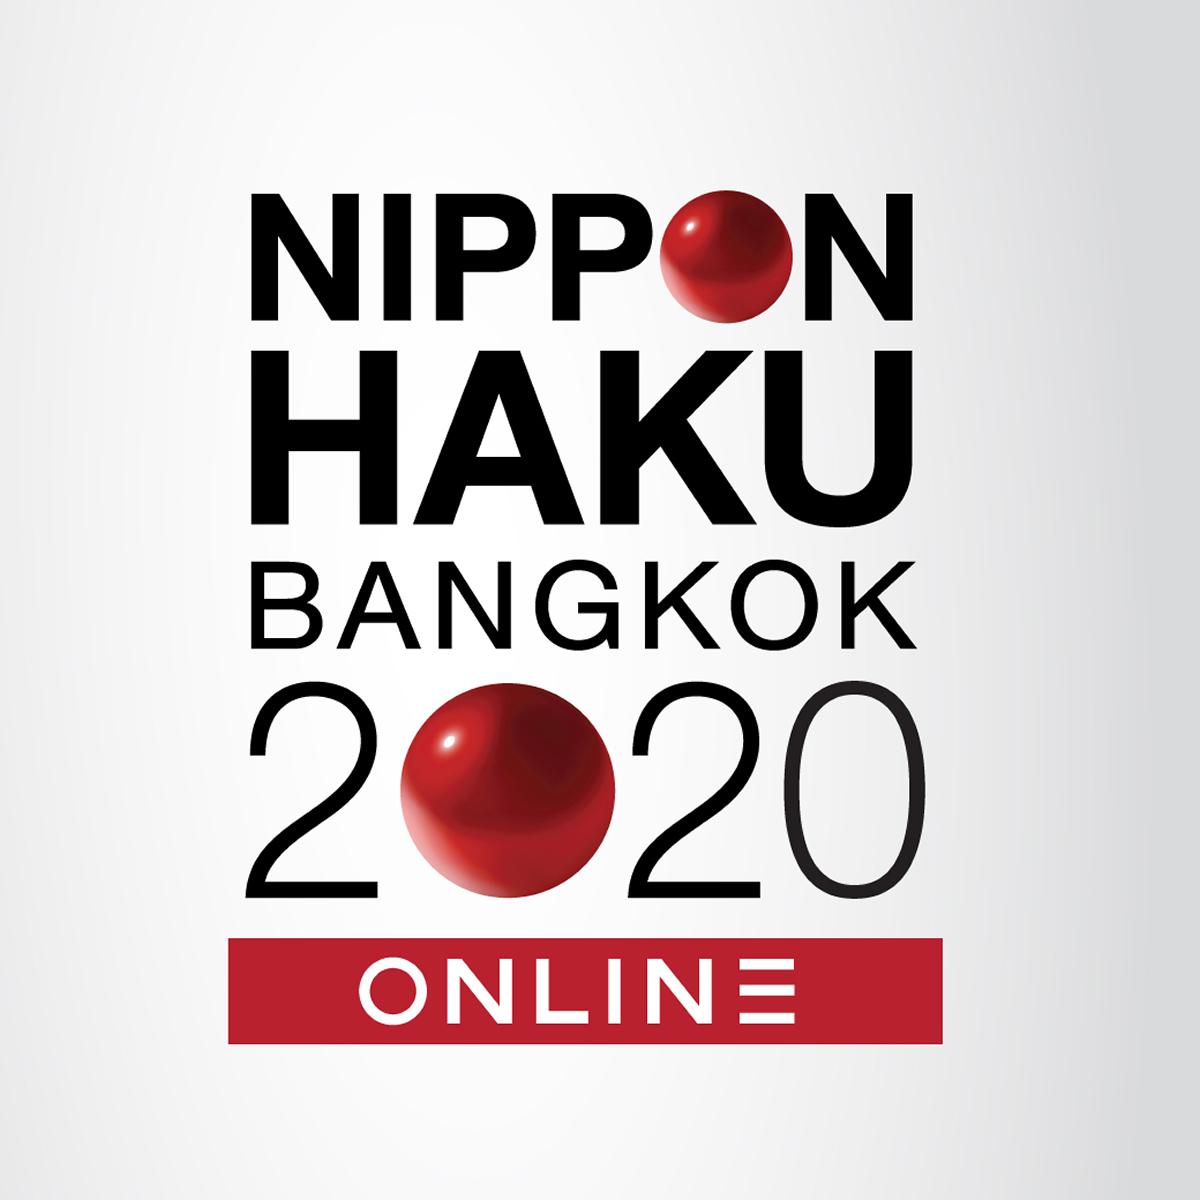 「バンコク日本博2020オンライン」が開幕